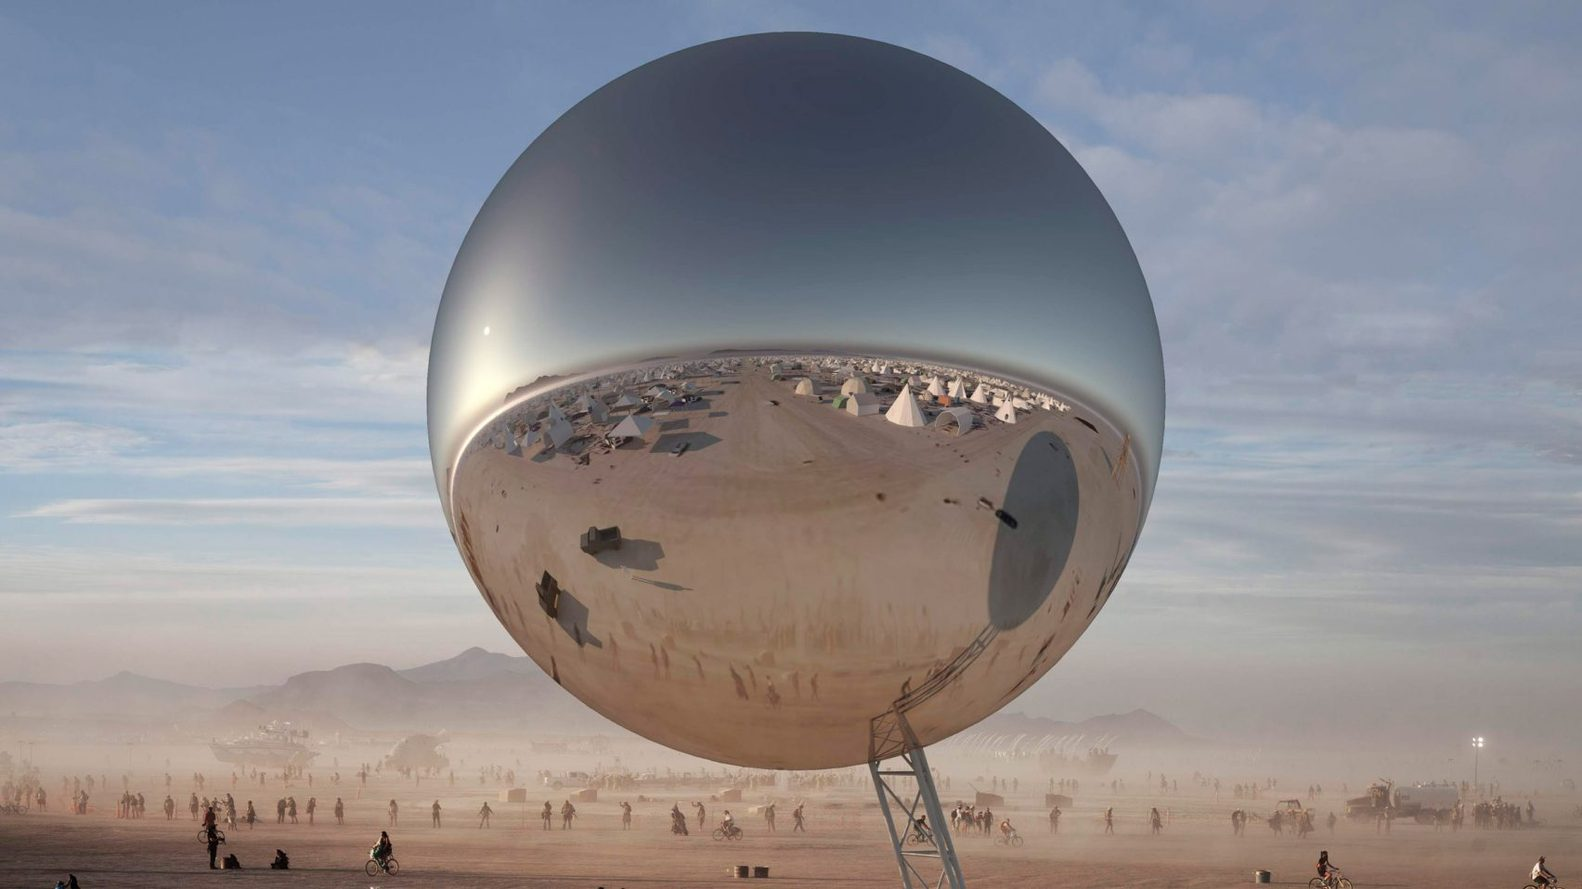 Edição de 2018 do Burning Man teve como atração uma bola espelhada gigante. Foto: divulgação